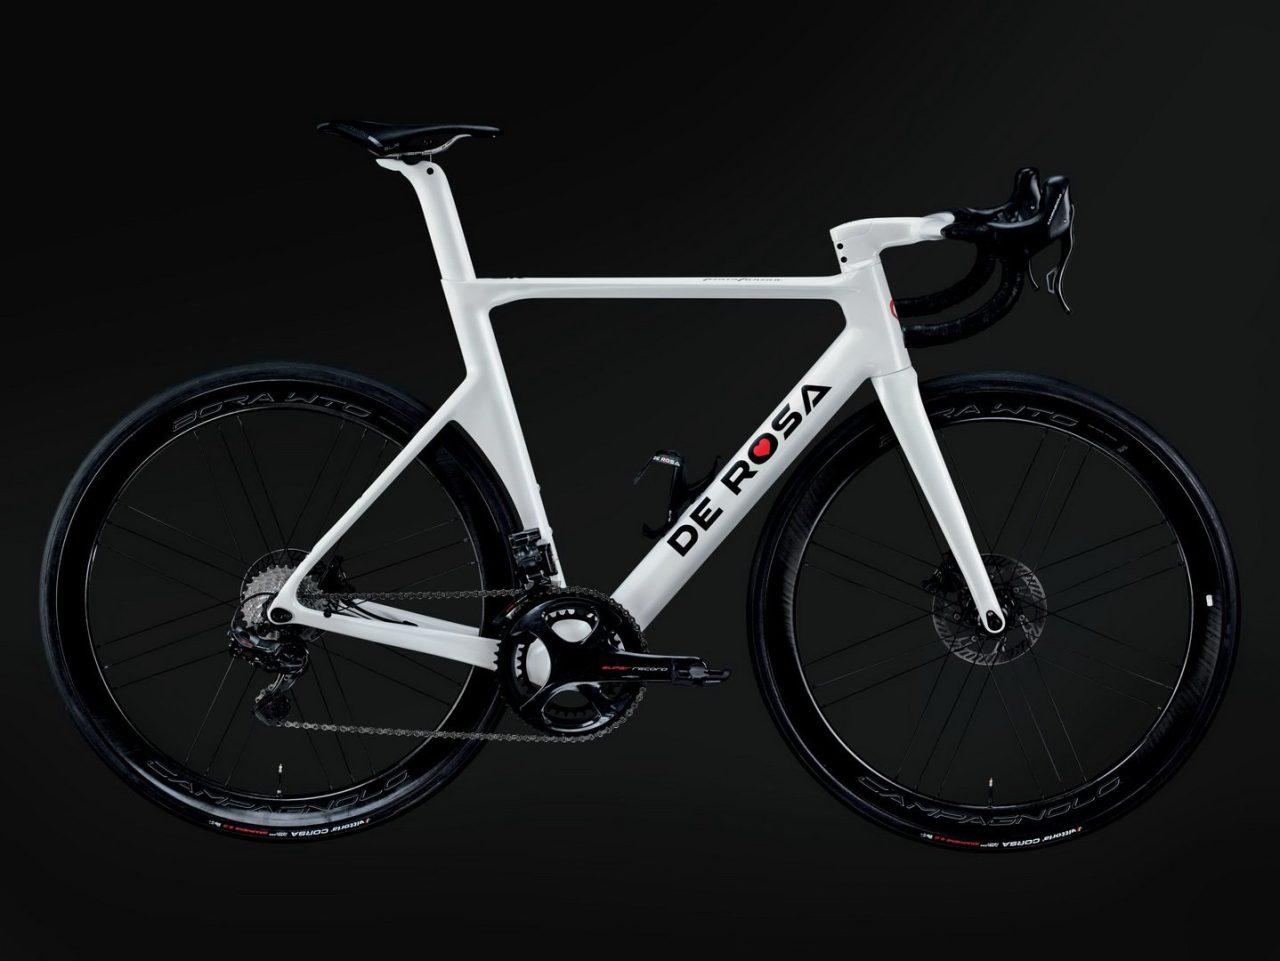 246950b4-pininfarina-sk-de-rosa-bicycle-1